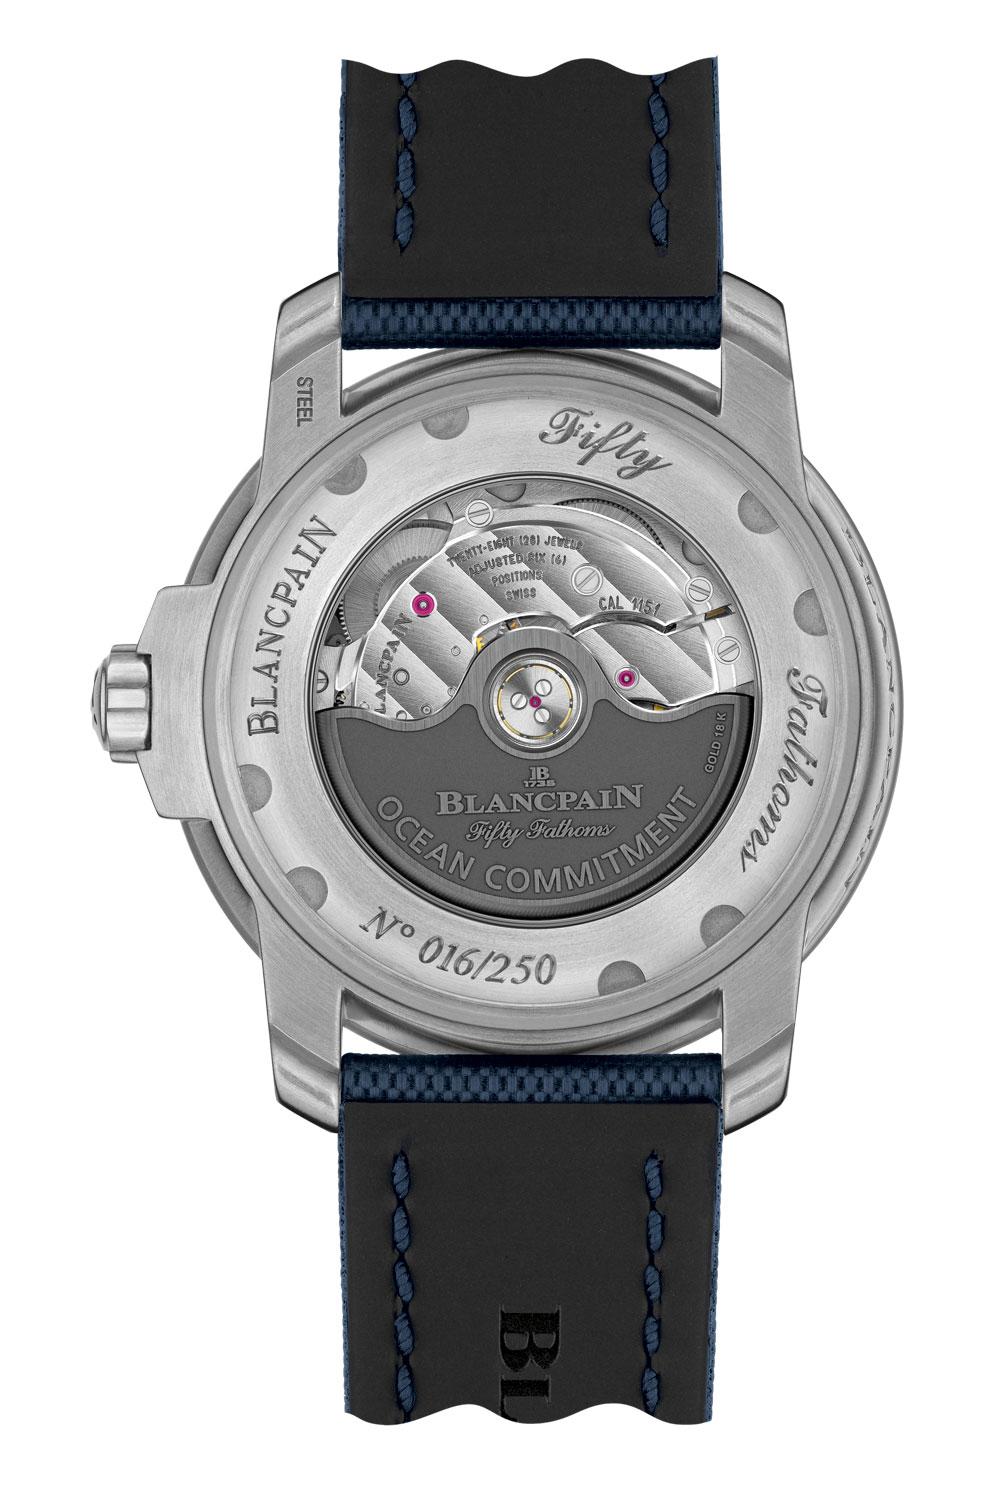 Fondo con calibre automático a la vista del Reloj de buceo Fifty Fathoms Ocean Commitment III de Blancpain edición limitada 250 ejemplares